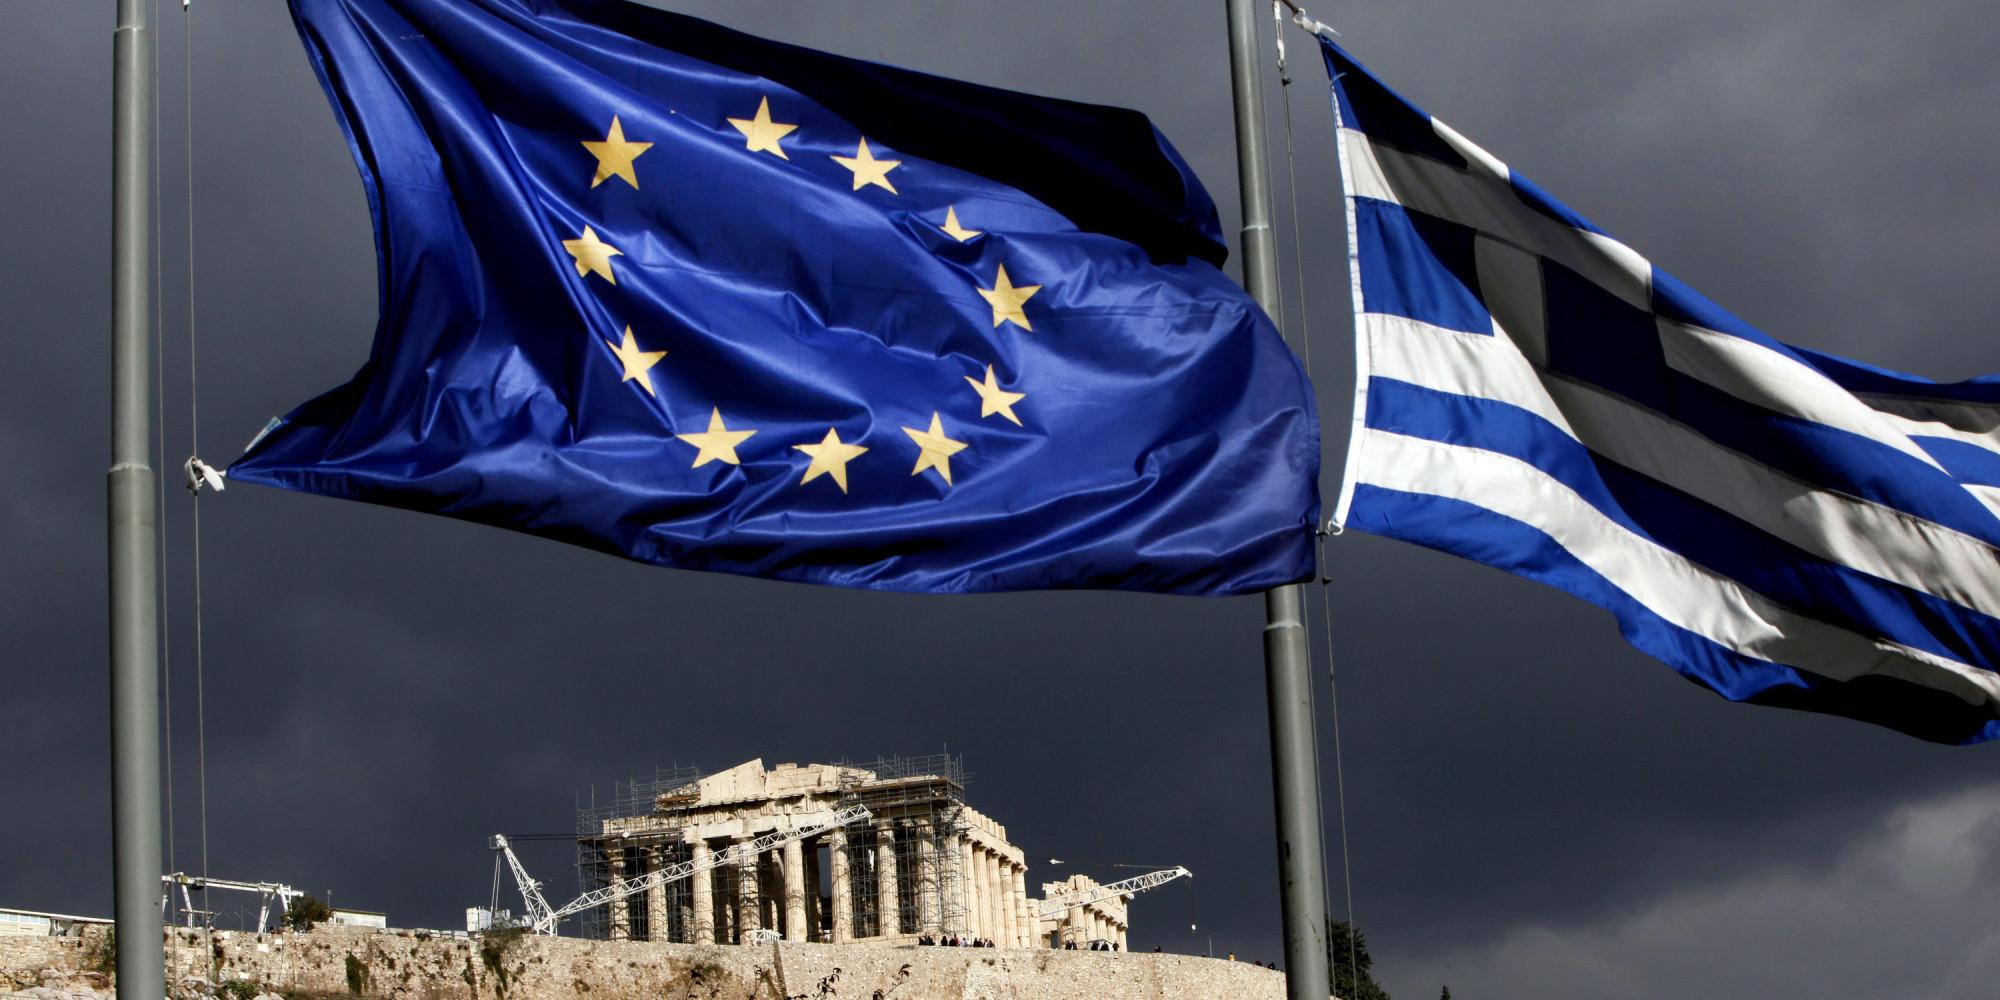 Relaciones Públicas: La comunicación de la crisis griega